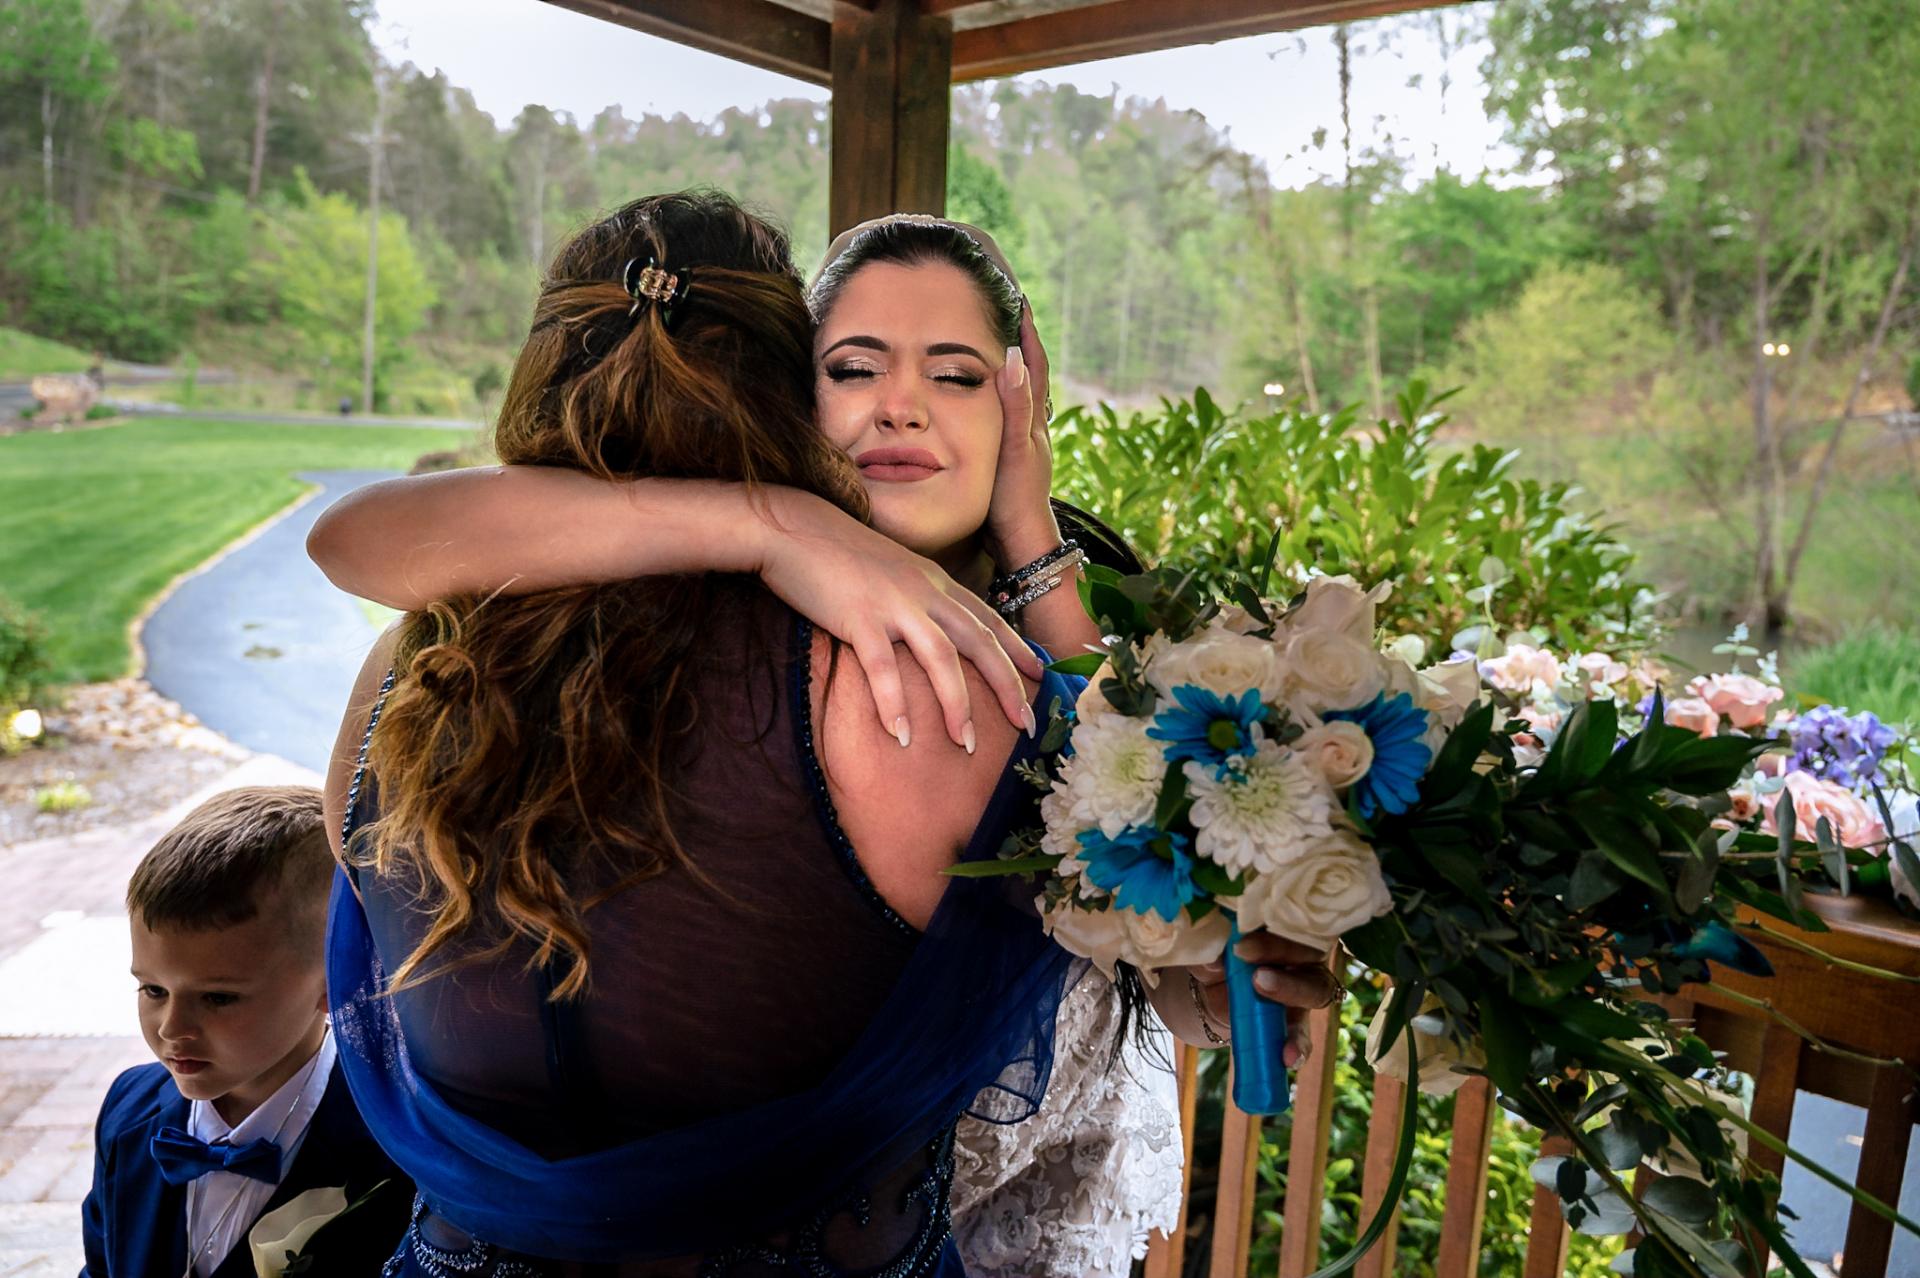 Fotografía de bodas Smoky Mountain - Gatlinburg | La novia le da un emotivo abrazo a una de sus amigas más queridas